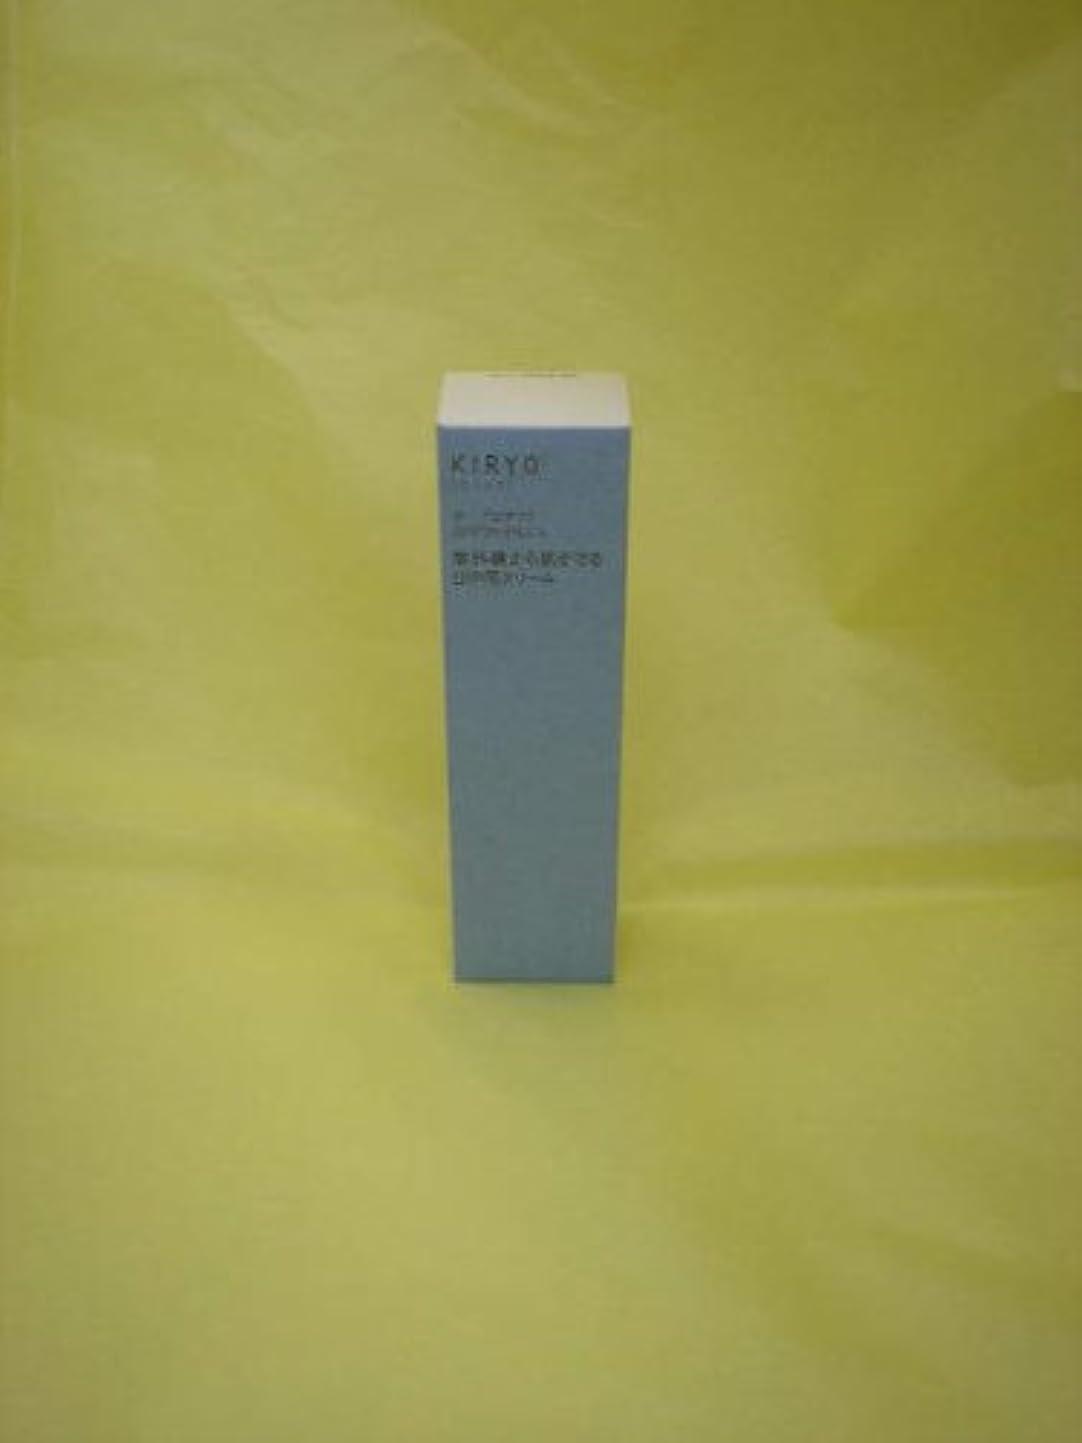 あざフリンジキリョウ デ-プロテクト 30g( 植物派化粧品)